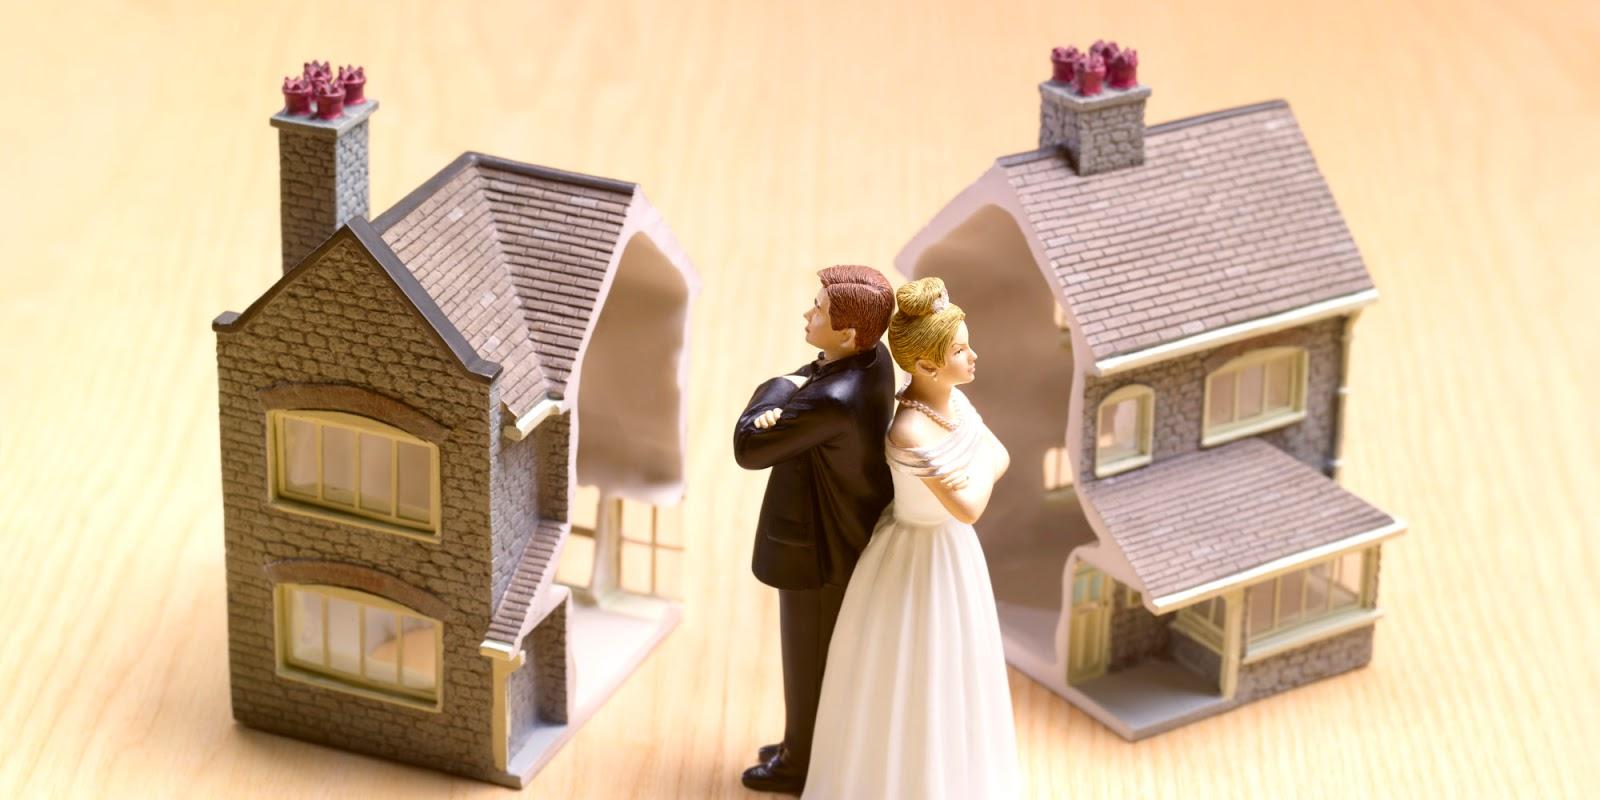 Kocanın karısına olan sevgisini geri getirme yolları ve önerileri